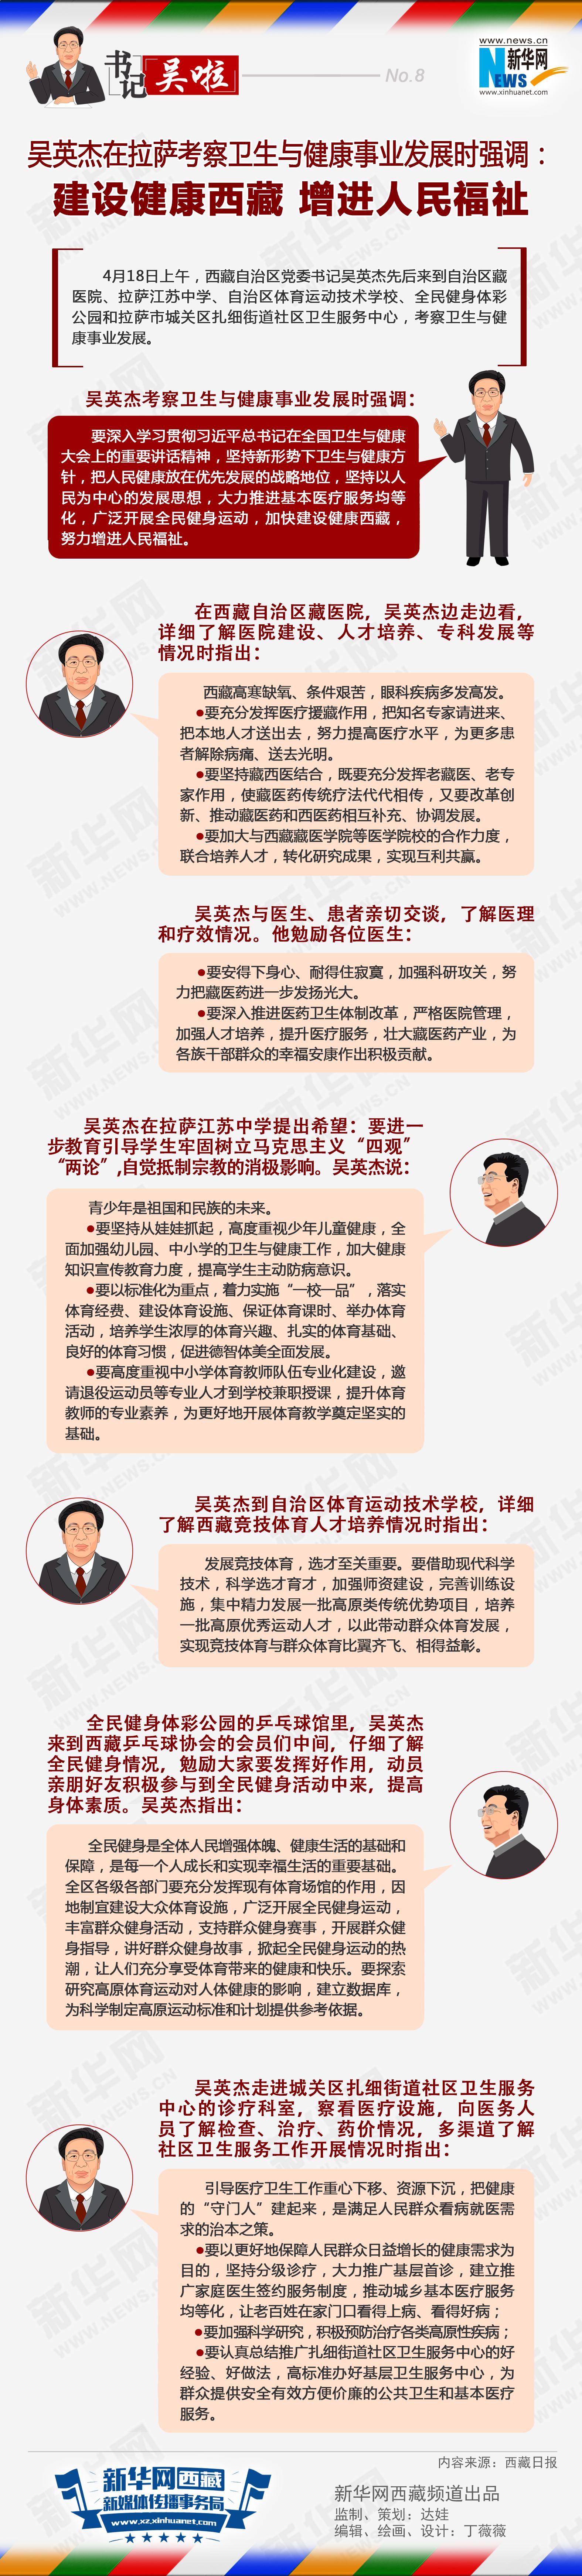 一图读懂:《书记吴啦》之建设健康西藏 增进人民福祉